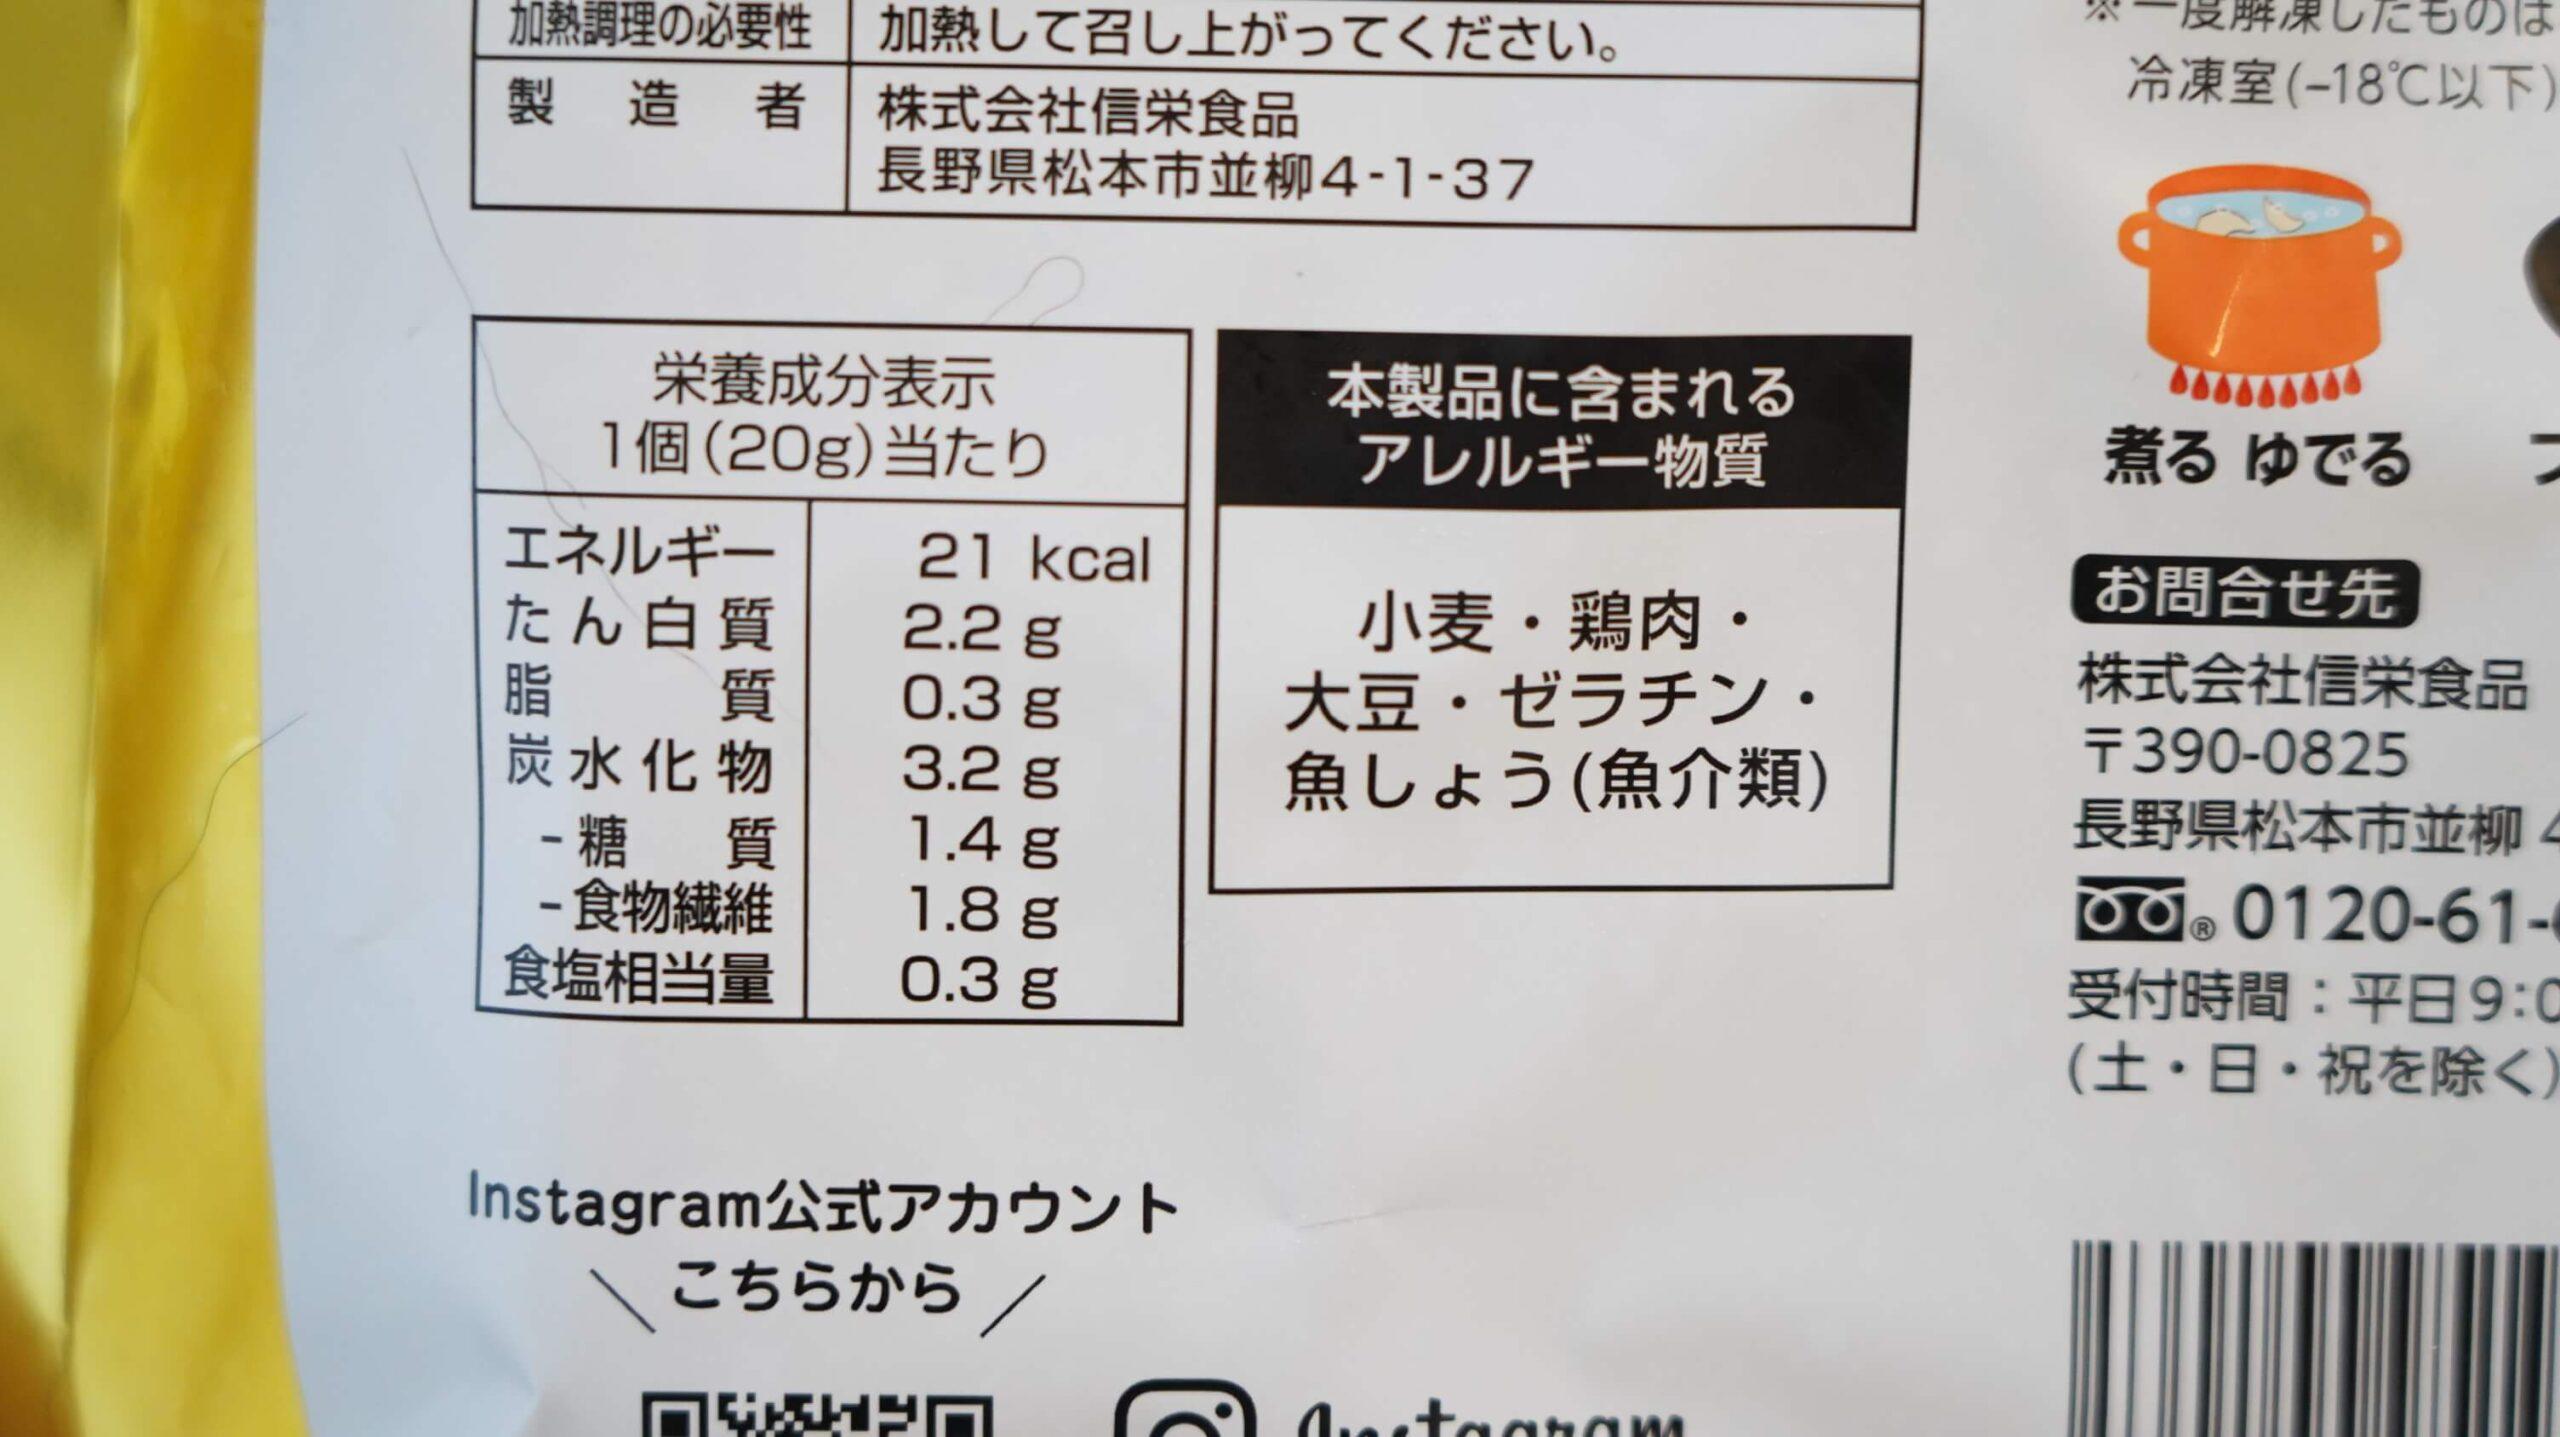 冷凍食品「マッスル餃子」のパッケージ裏面の栄養成分表示の写真